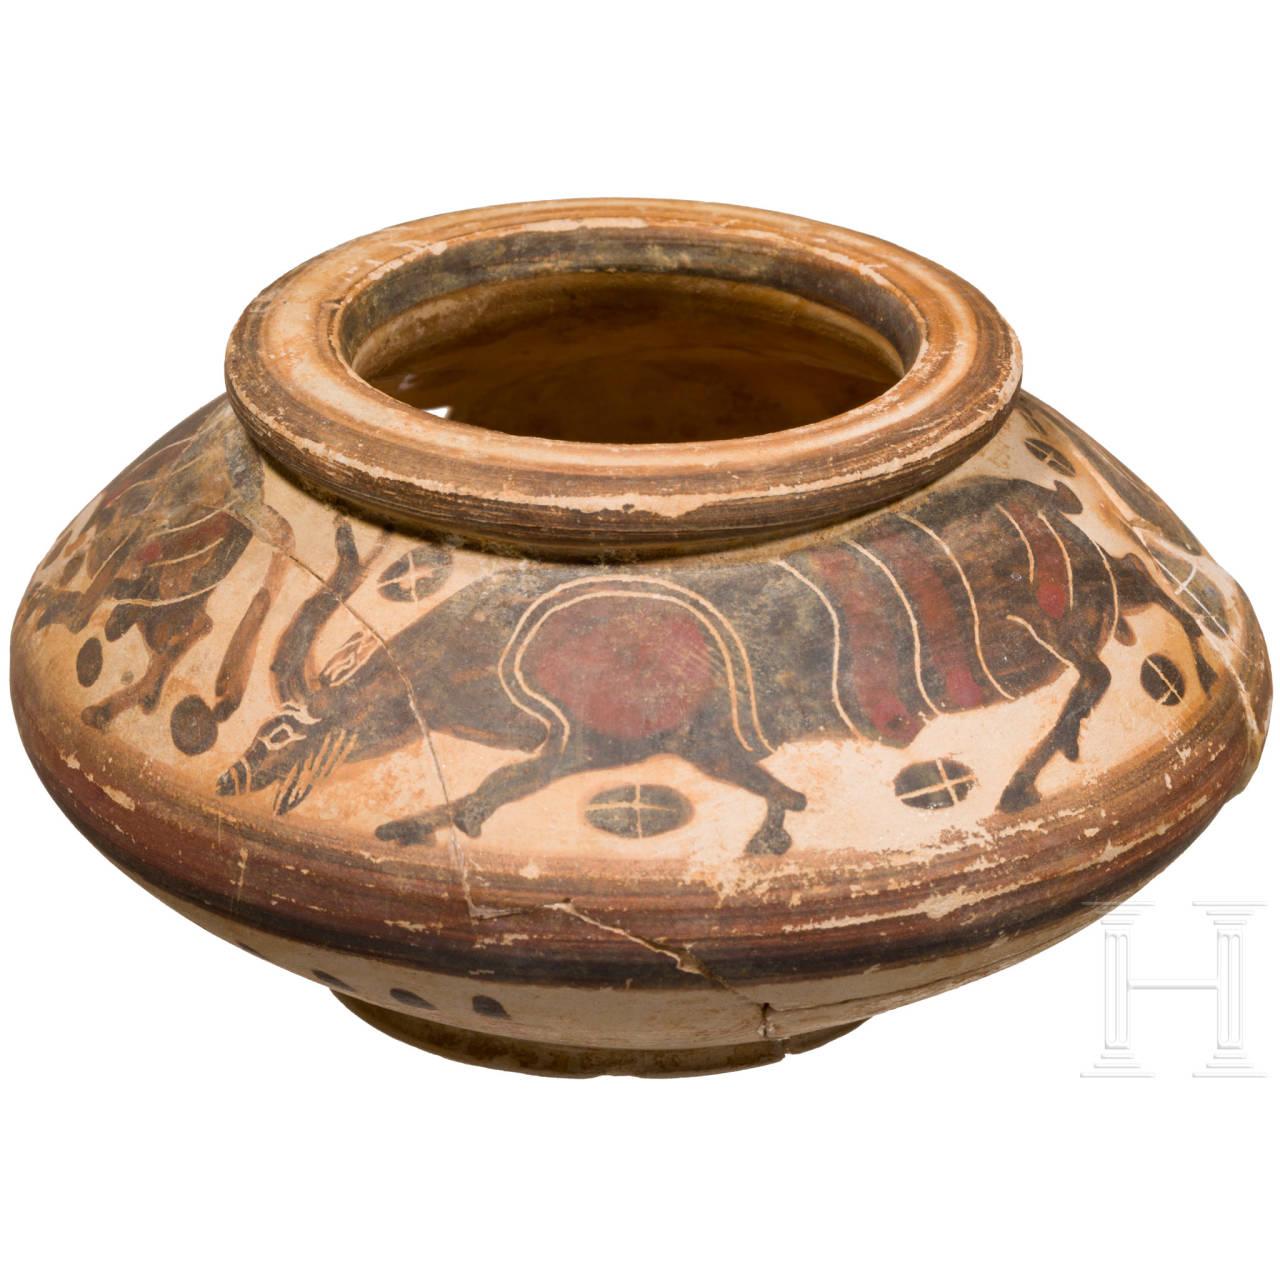 Korinthische Pyxis, Griechenland, Ende 7. - frühes 6. Jhdt. v. Chr.